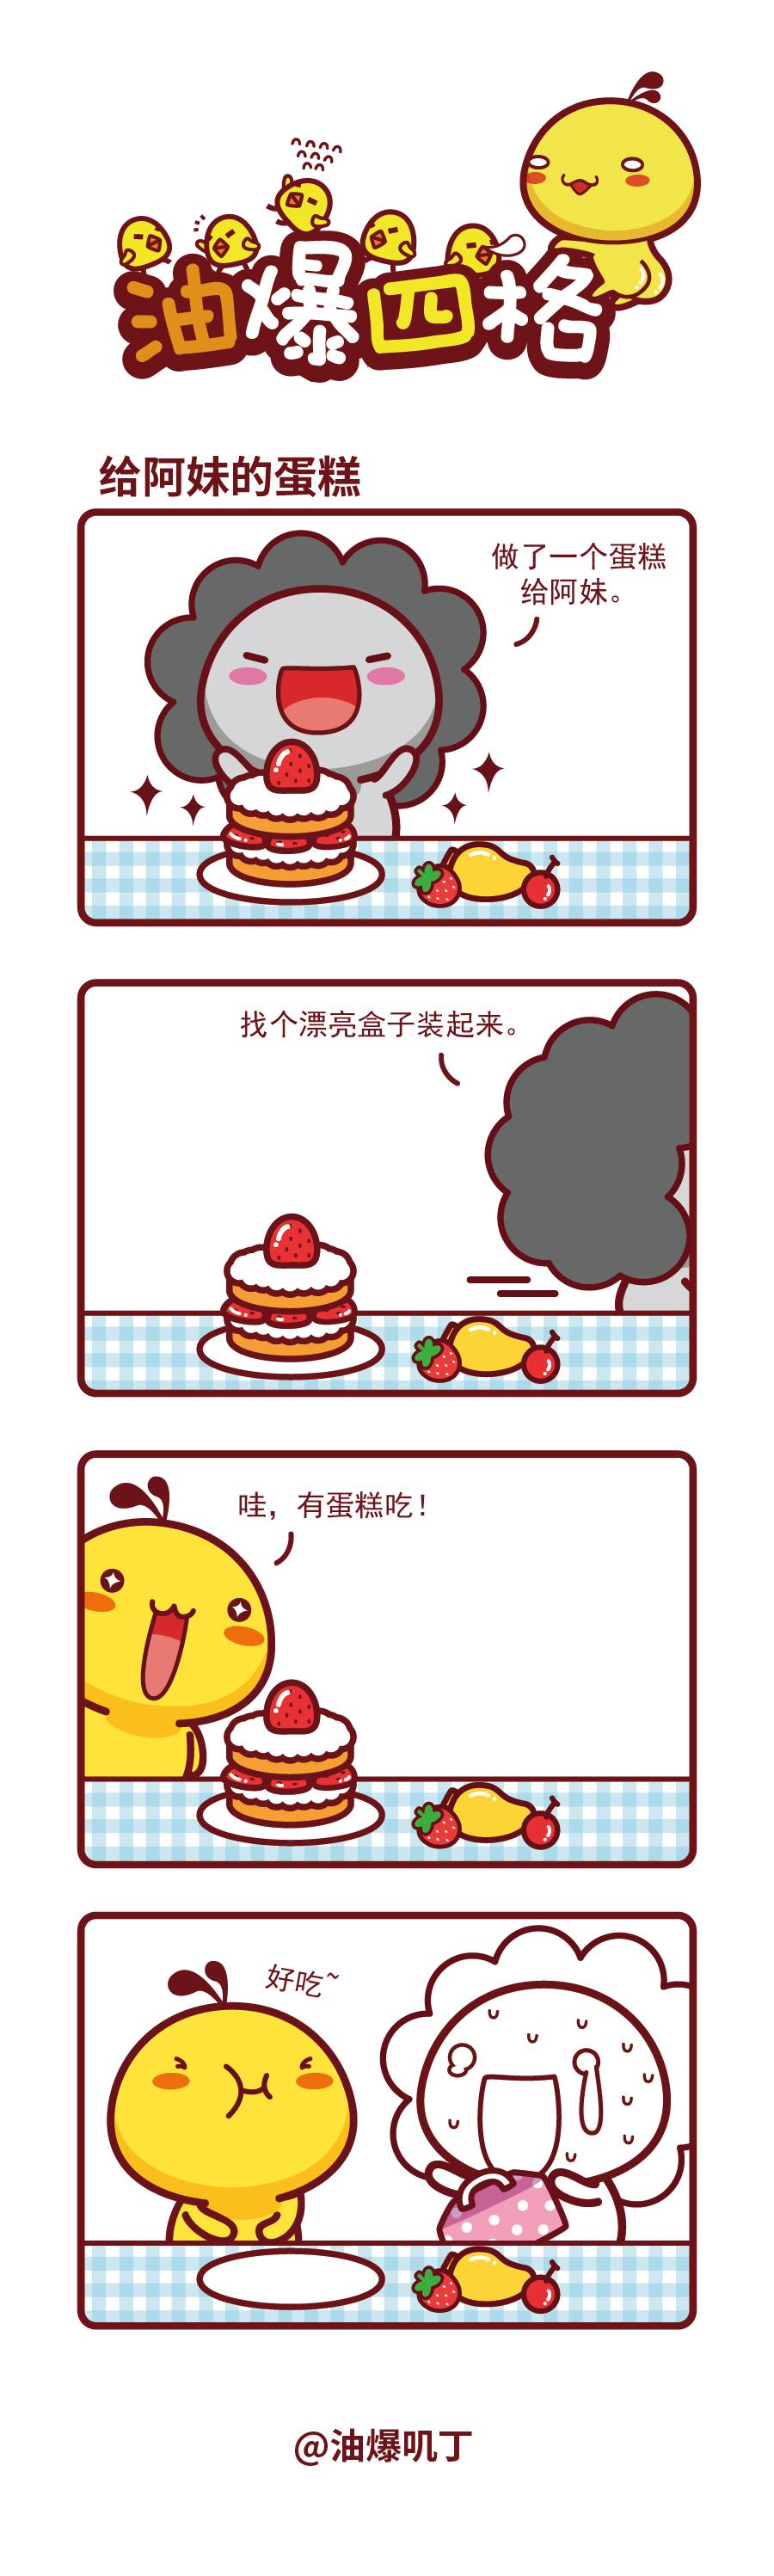 油爆叽丁漫画11月